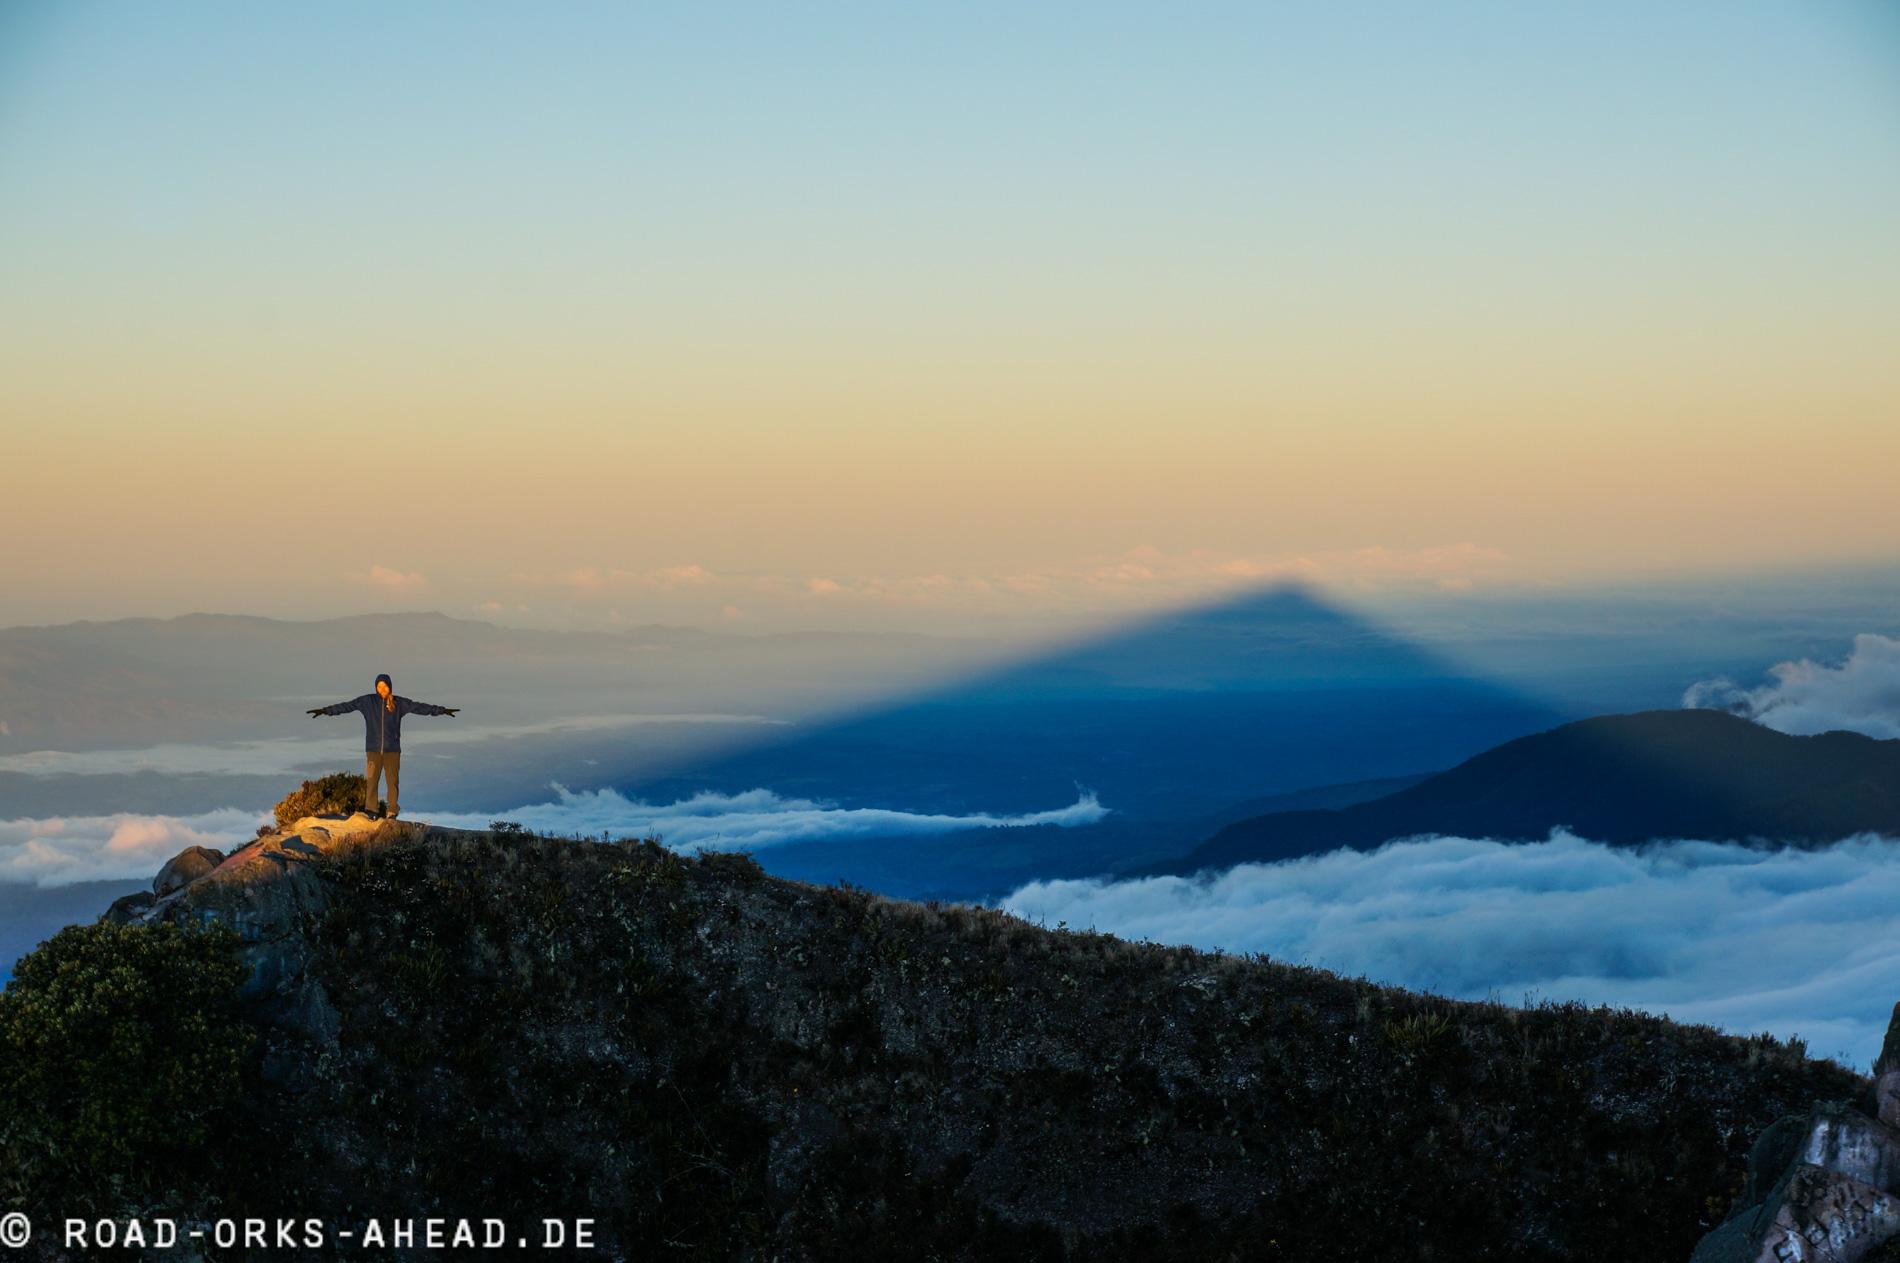 Auf dem Schatten des Berges